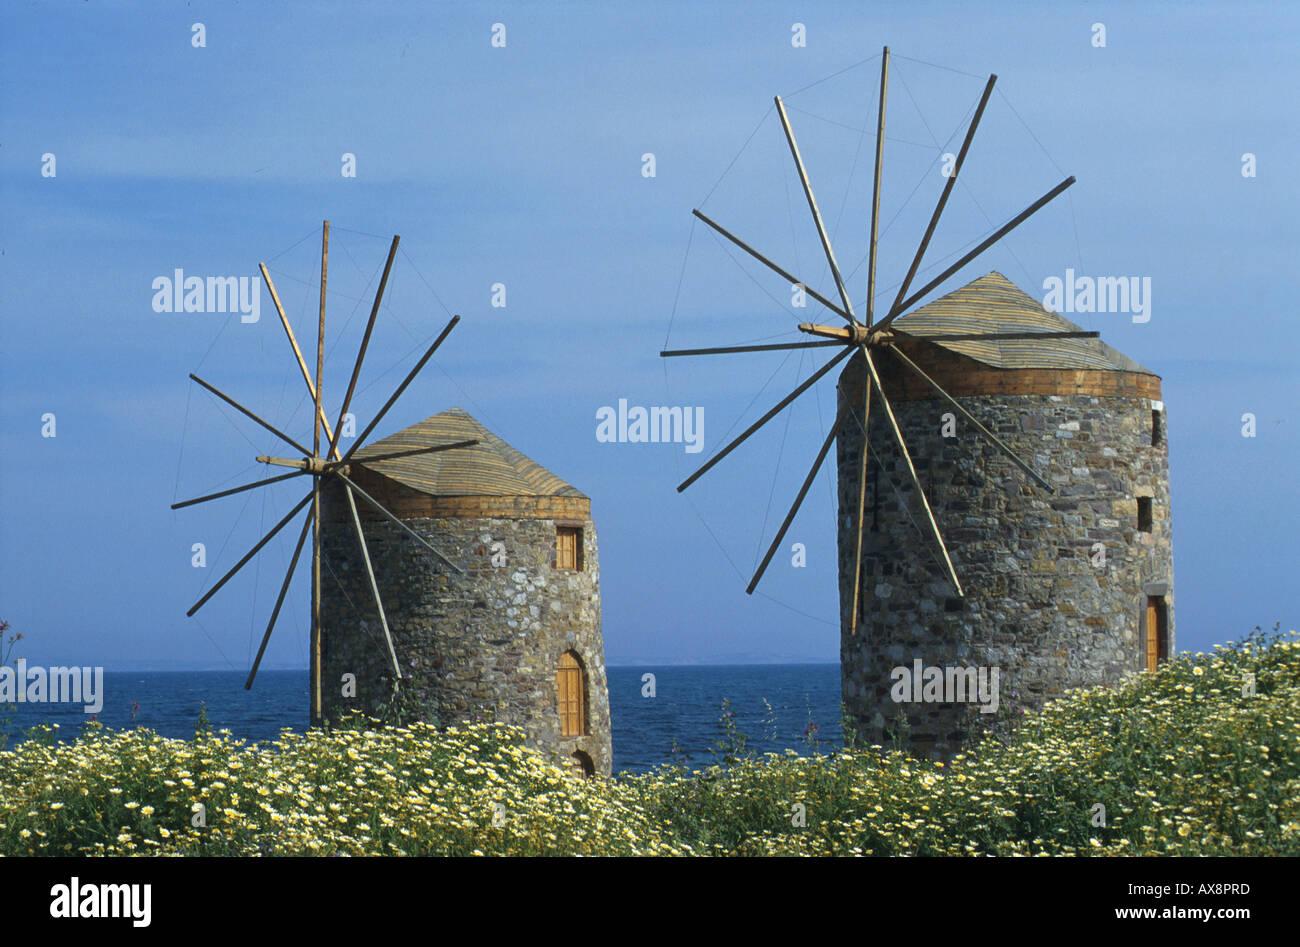 Windmuehlen mit Blumen, Chios Griechische Inseln - Stock Image